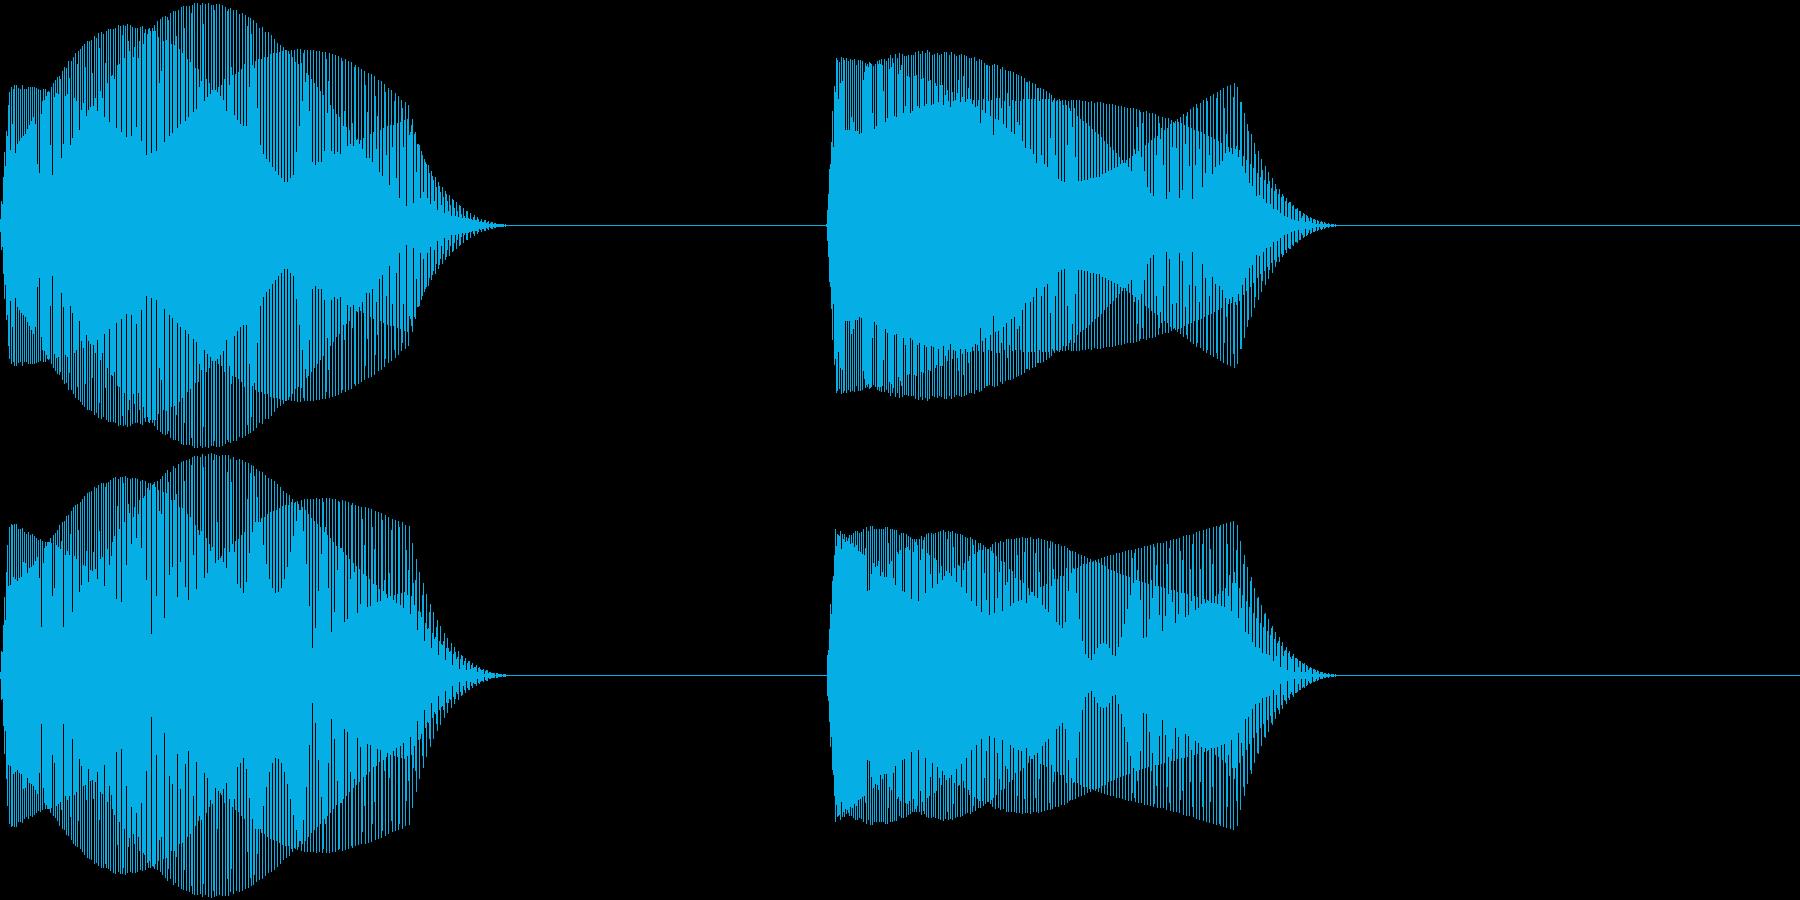 ぴよぴよ 可愛い小鳥のお知らせボイス音の再生済みの波形